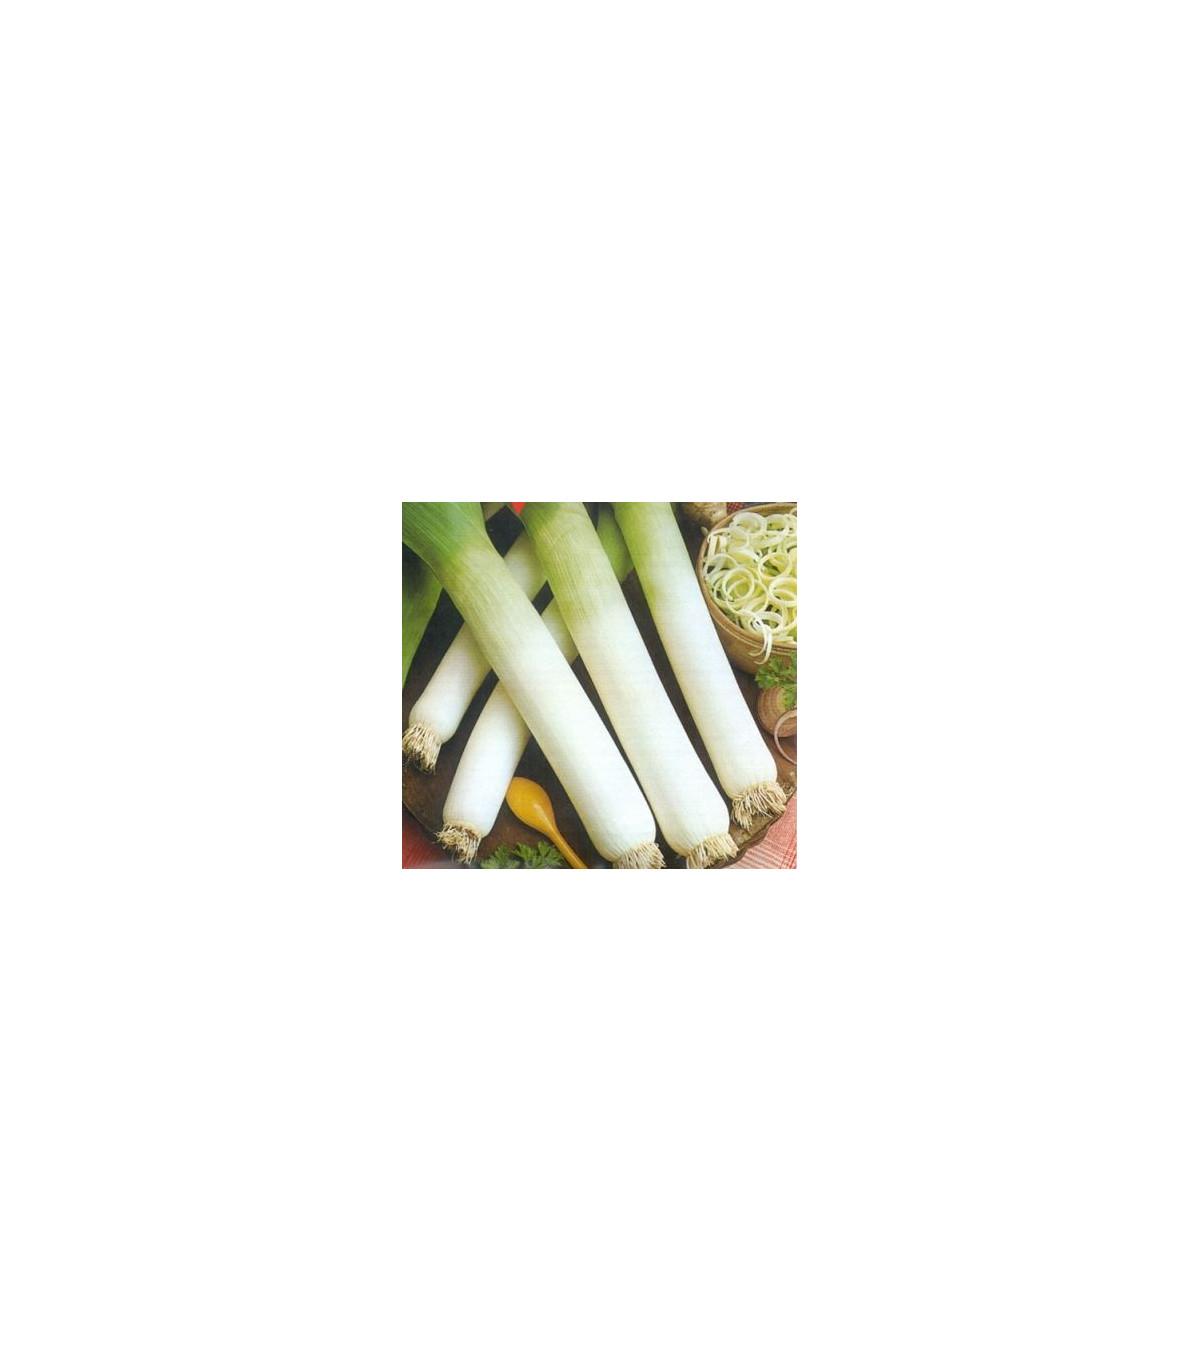 Pór zimní Genita - Allium porrum - semena - 1,5 g